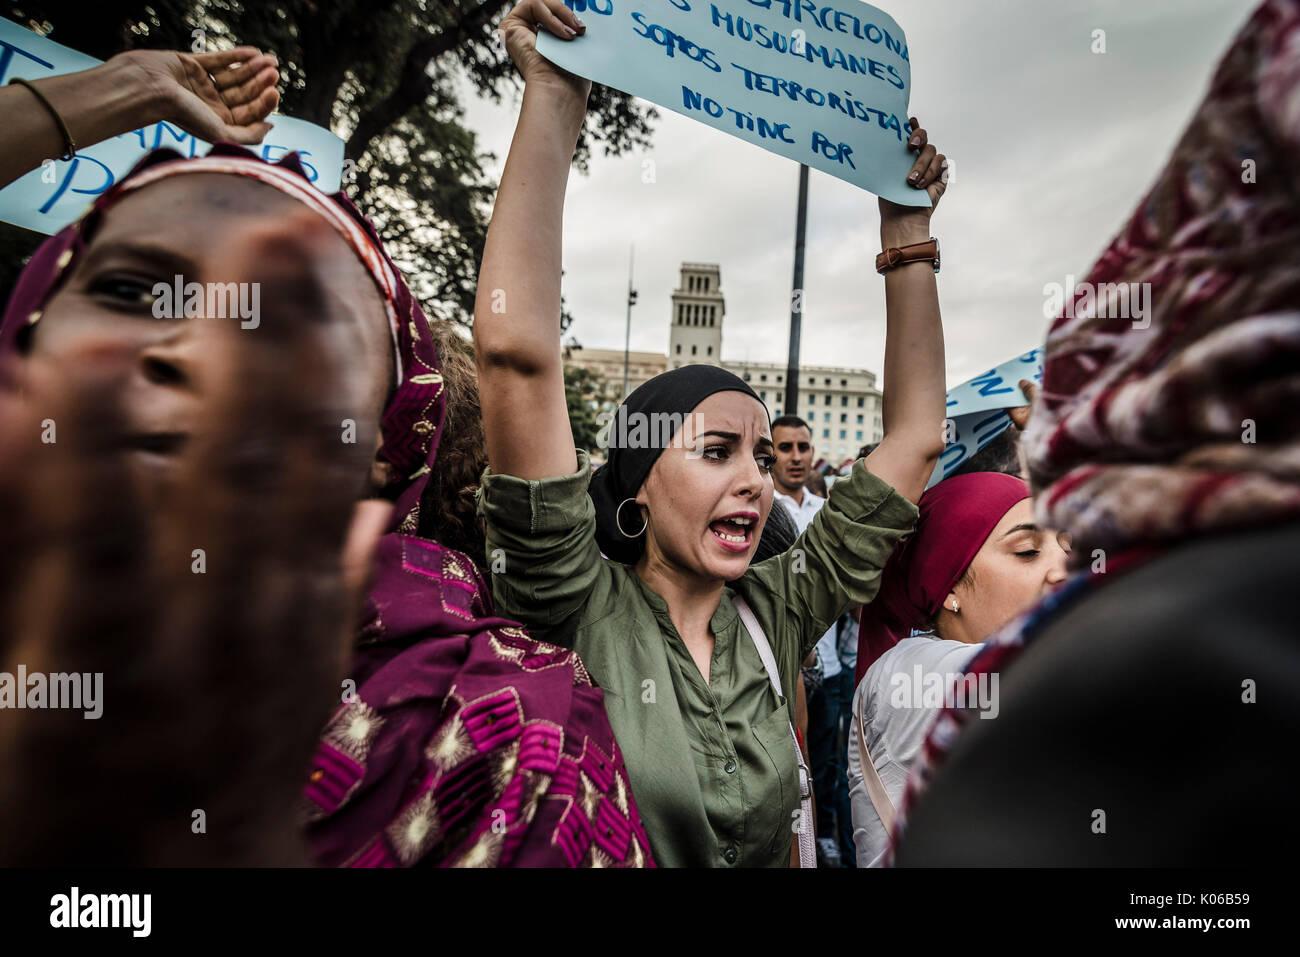 Barcelone, Espagne. Août 21, 2017. Les manifestants musulmans avec leurs pancartes condamnent les récentes attaques terroristes djihadistes à Barcelone et Cambrils qui a tué 15 personnes et blessé plus de 100 criant des slogans à la Catalogne Square Crédit: Matthias Rickenbach/Alamy Live News Banque D'Images